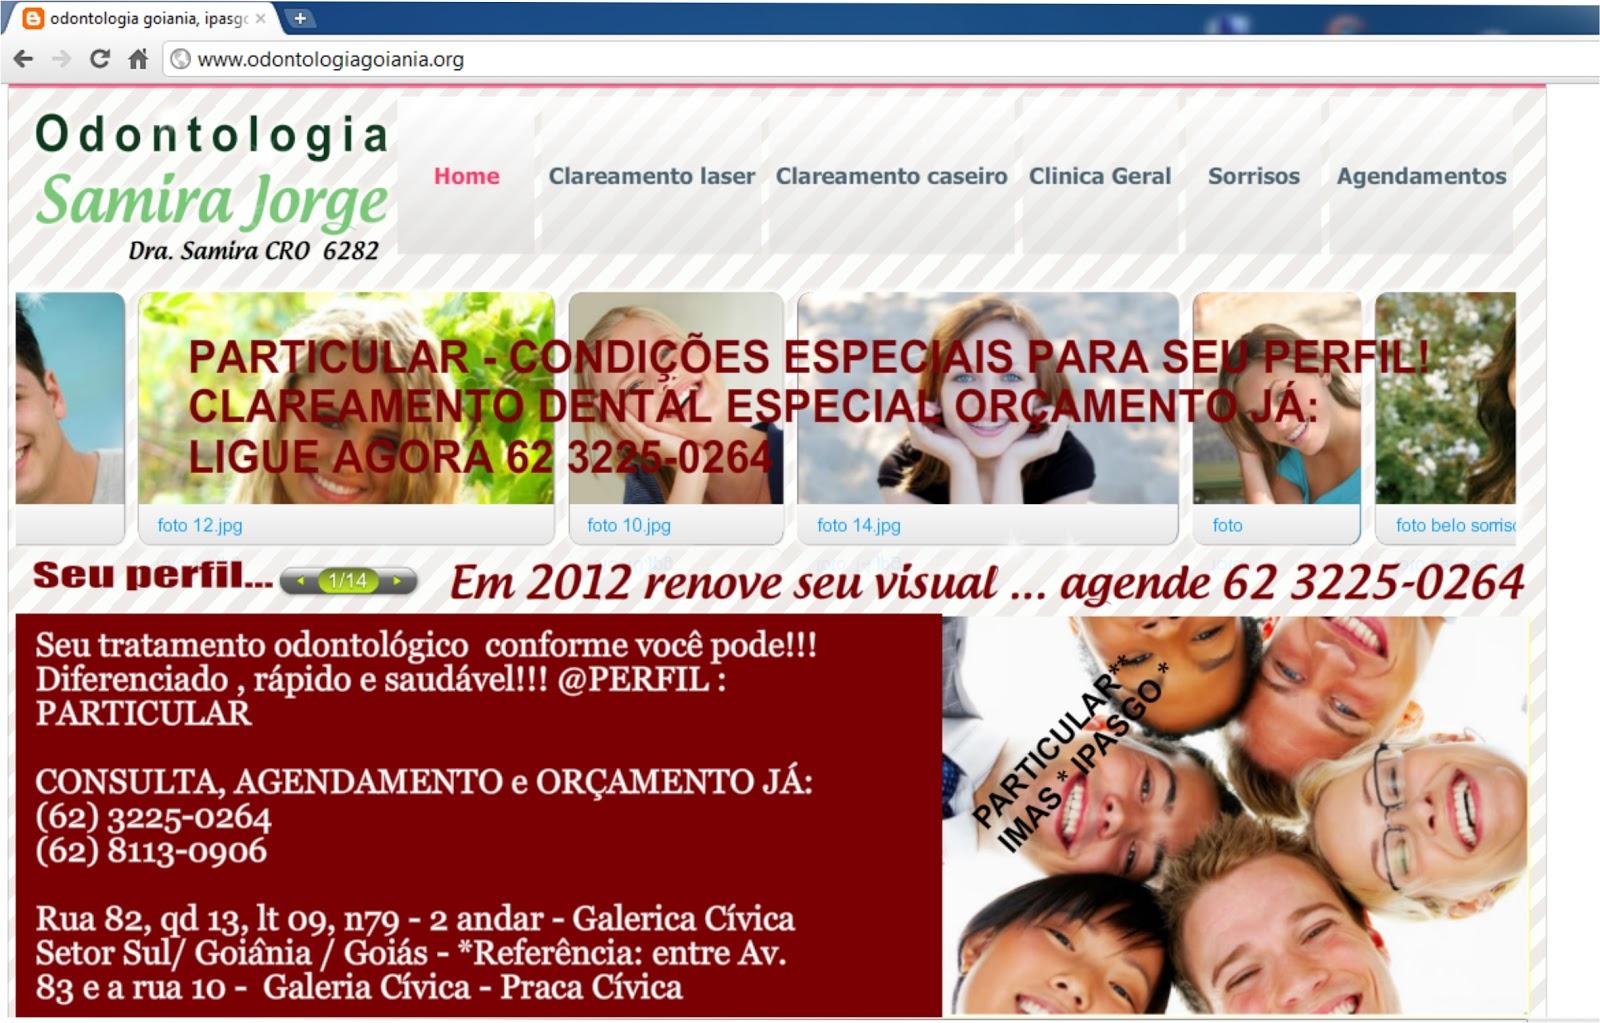 Odontologia goiânia dra samira jorge 3225 0264 8113 0906